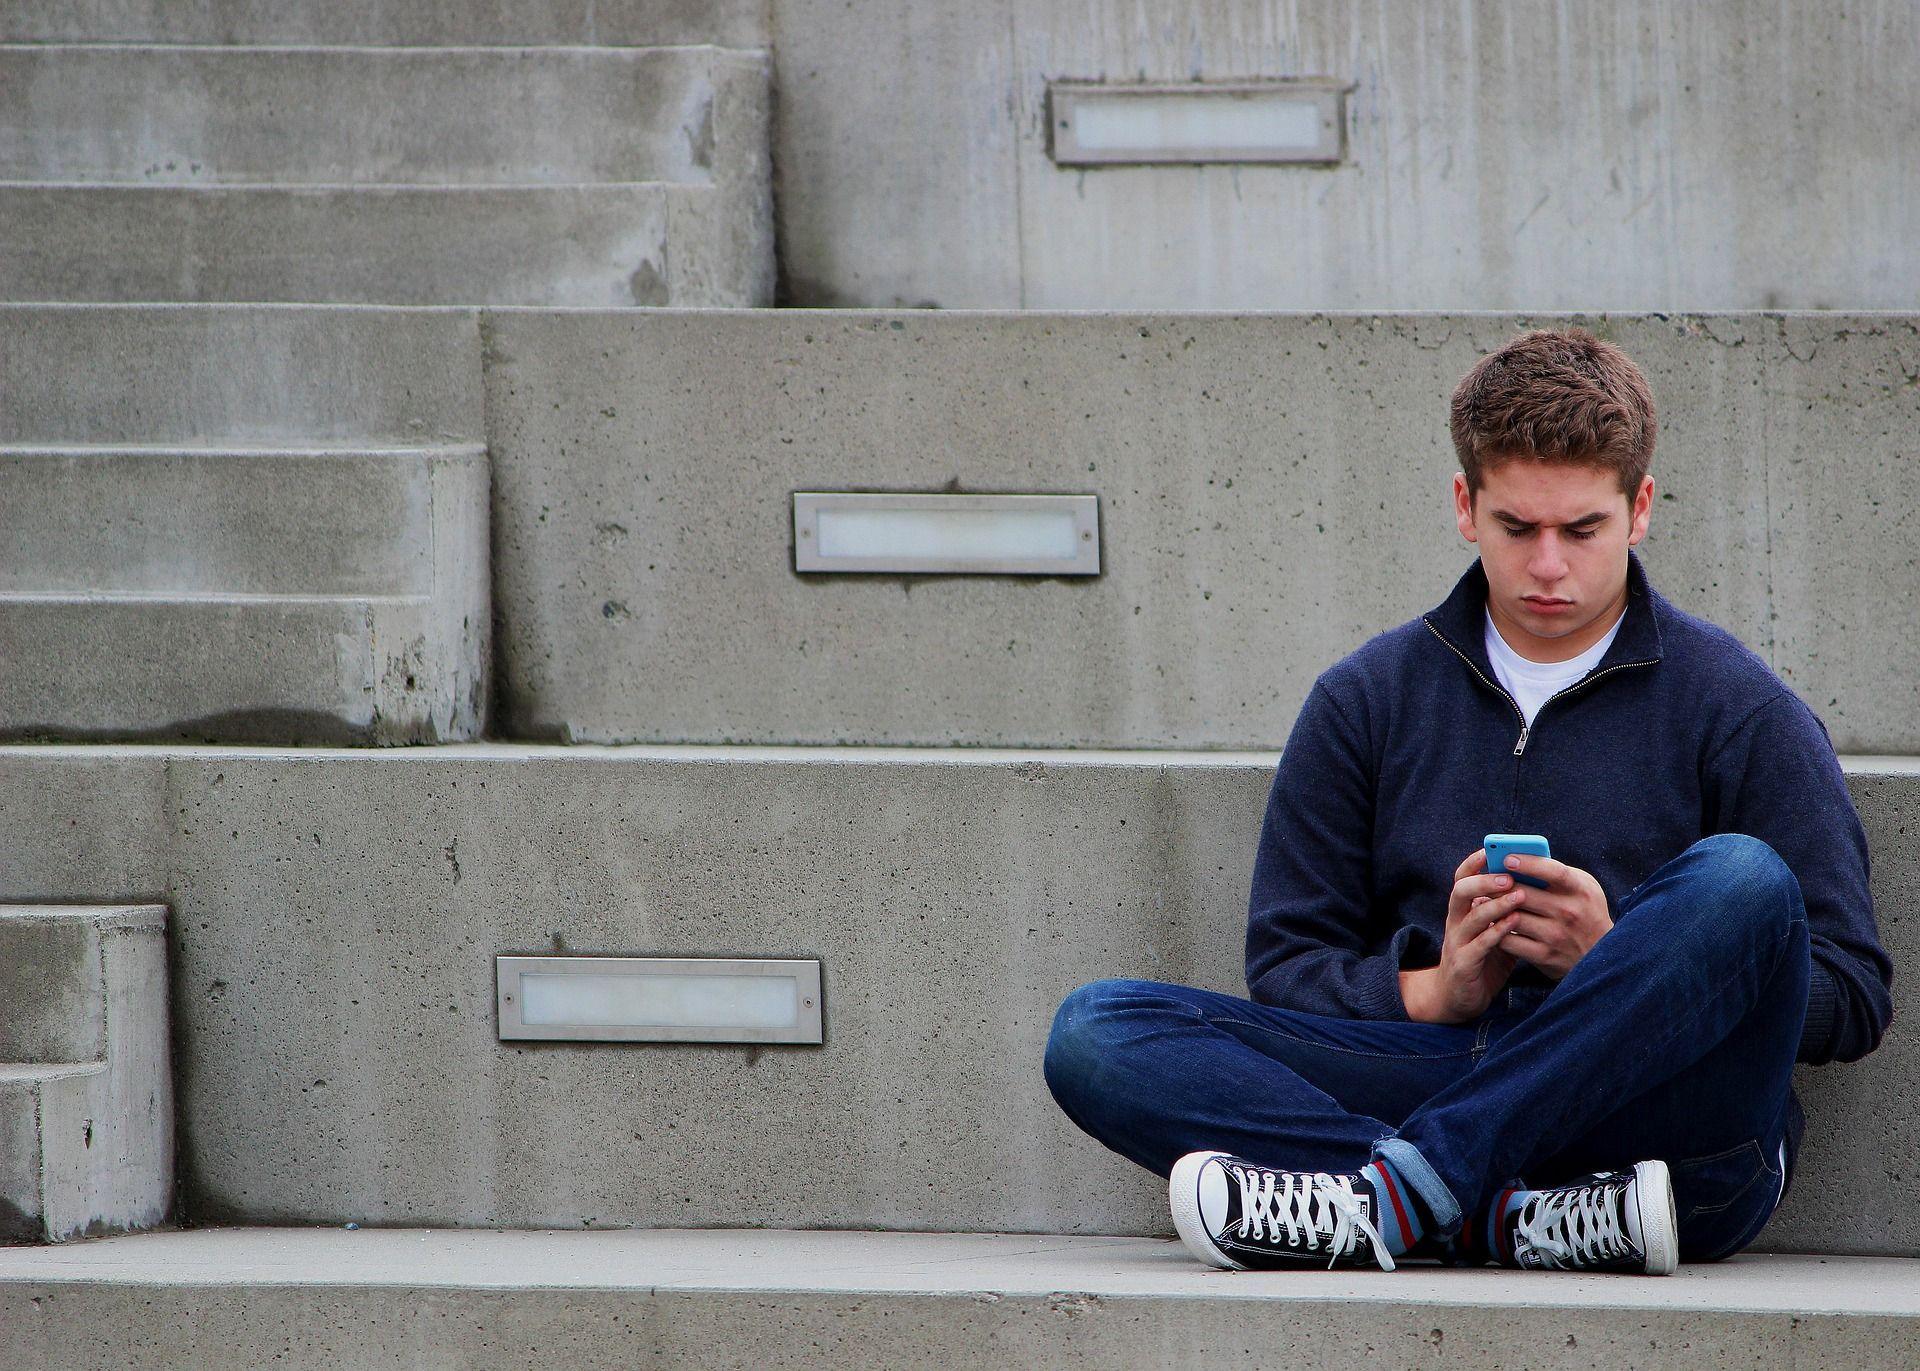 Giovani d'oggi adulti sempre più tardi: 'I 18enni sono come i 15enni di 30 anni fa'